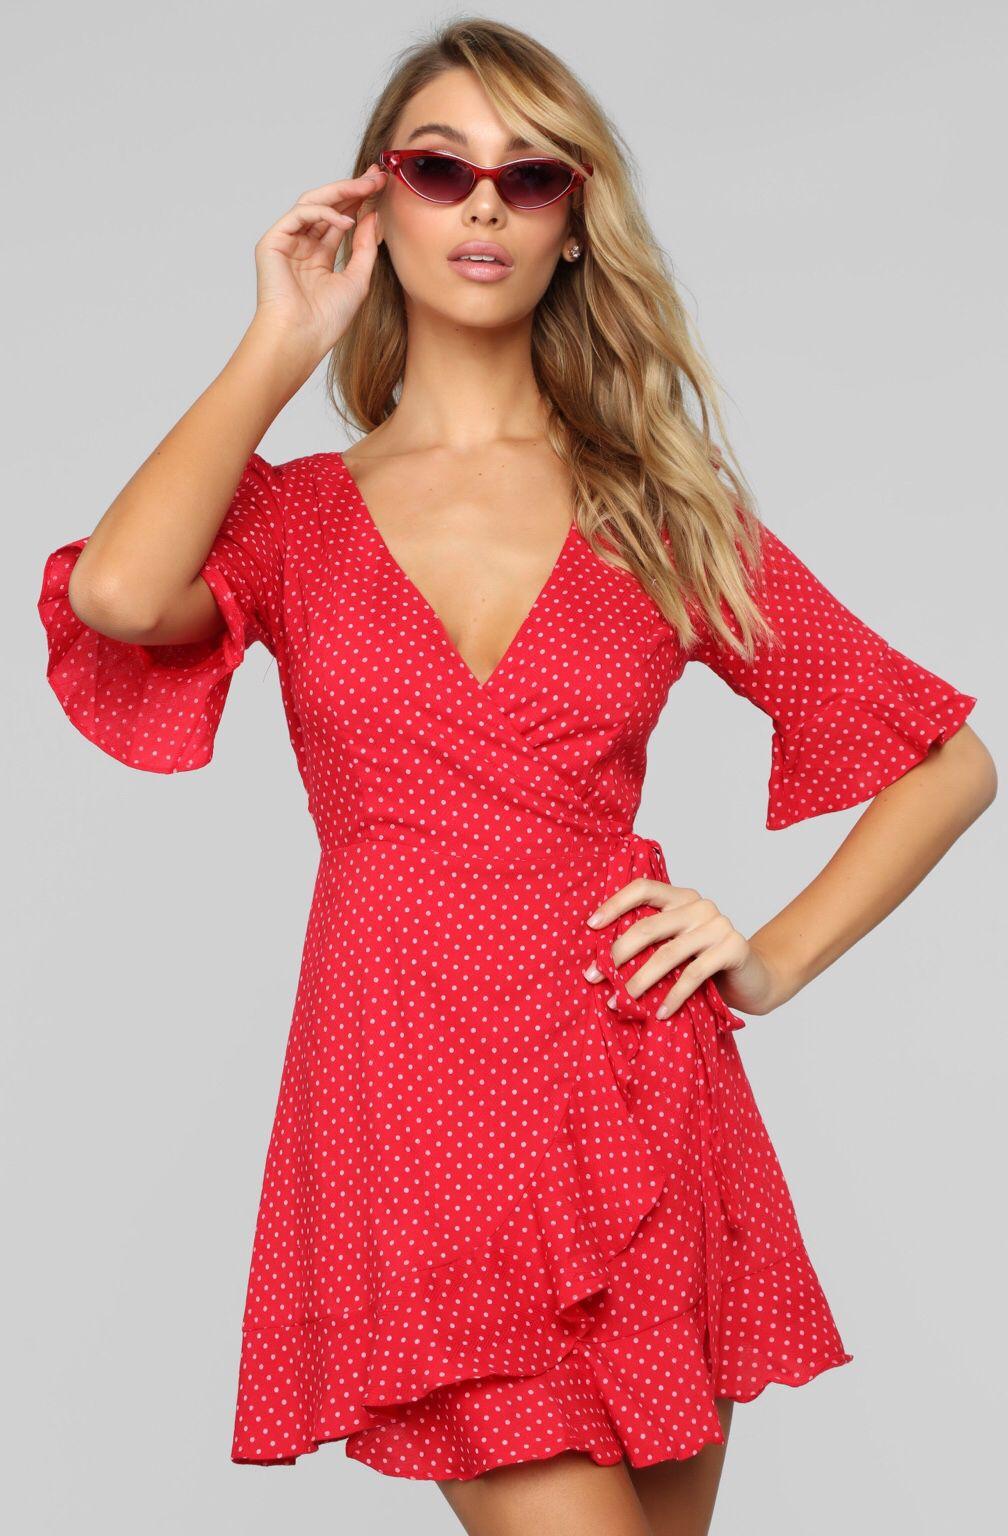 Caribell Polka Dot Dress Red/White Red dress, Dot